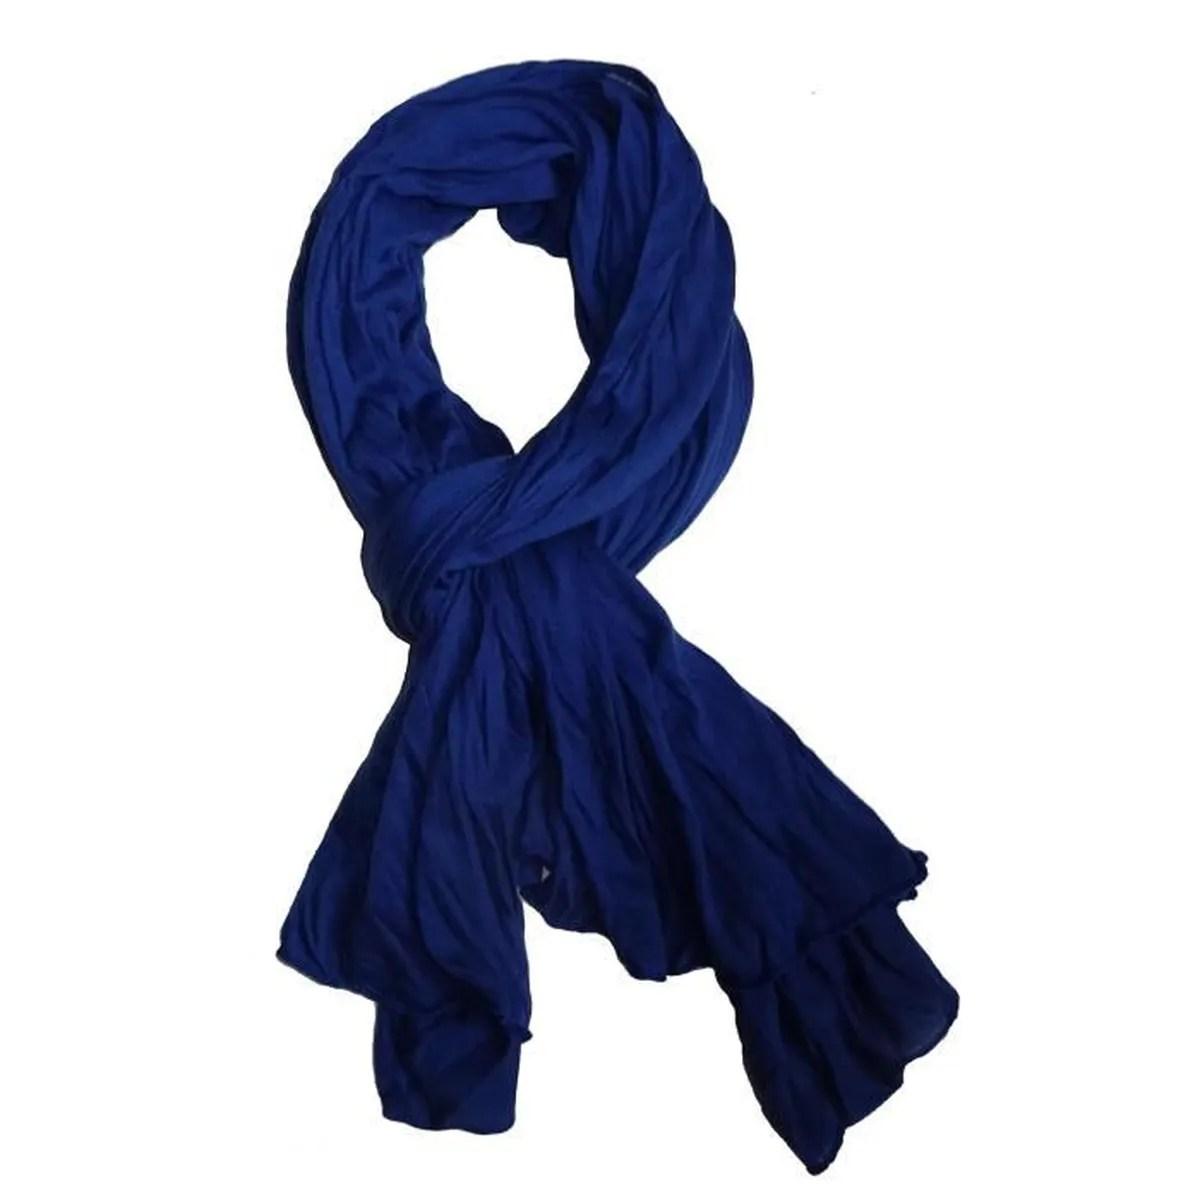 fad4bc06be71 Chèche Bleu Echarpe Longue Foulard Homme Et Femme Aspect Froissé